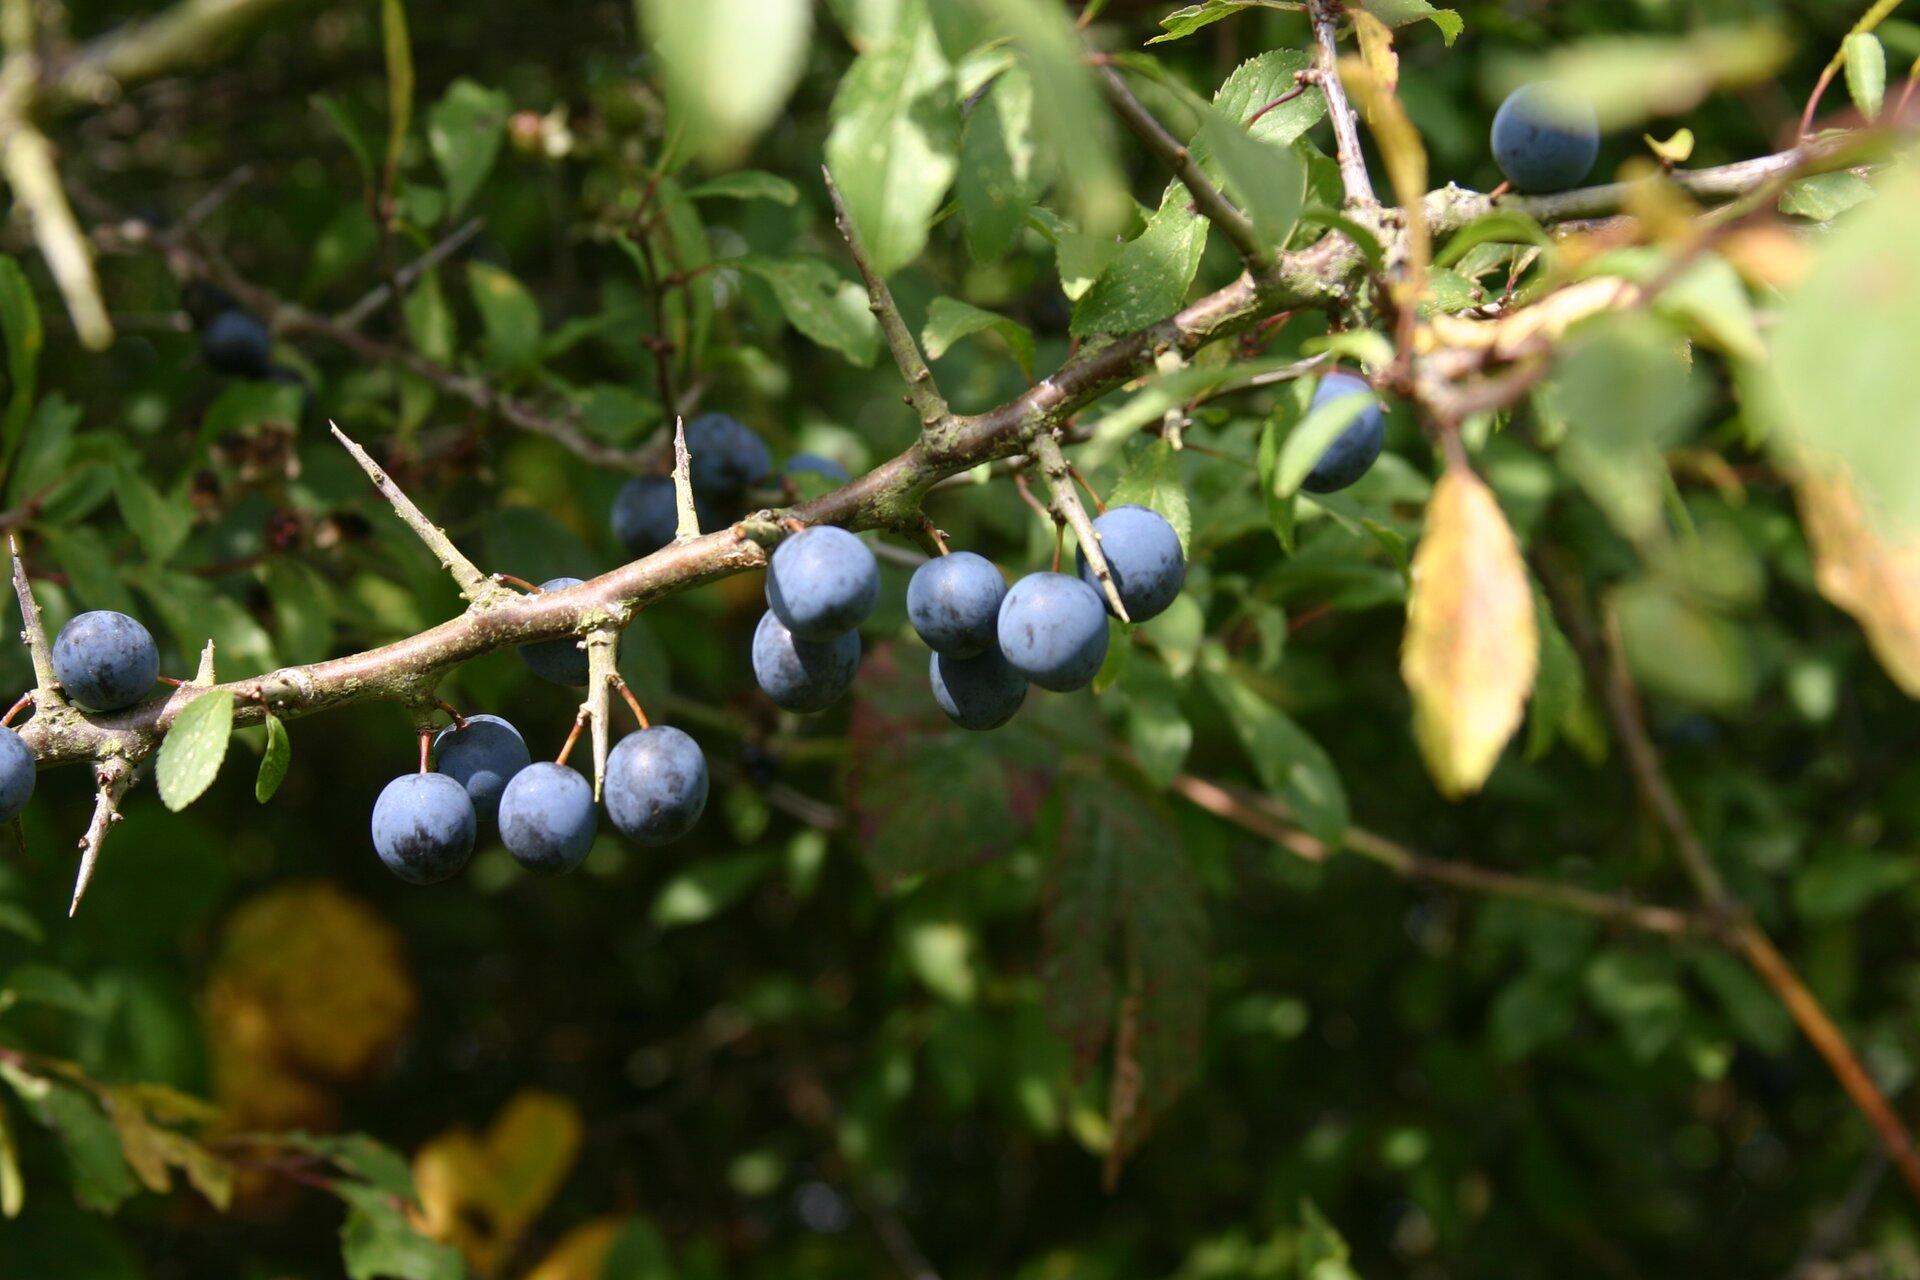 Fotografia przedstawia zbliżenie gałązki tarniny zniebieskimi, kulistymi owocami. Między nimi wyrastają krótkie, ostro zakończone ciernie.